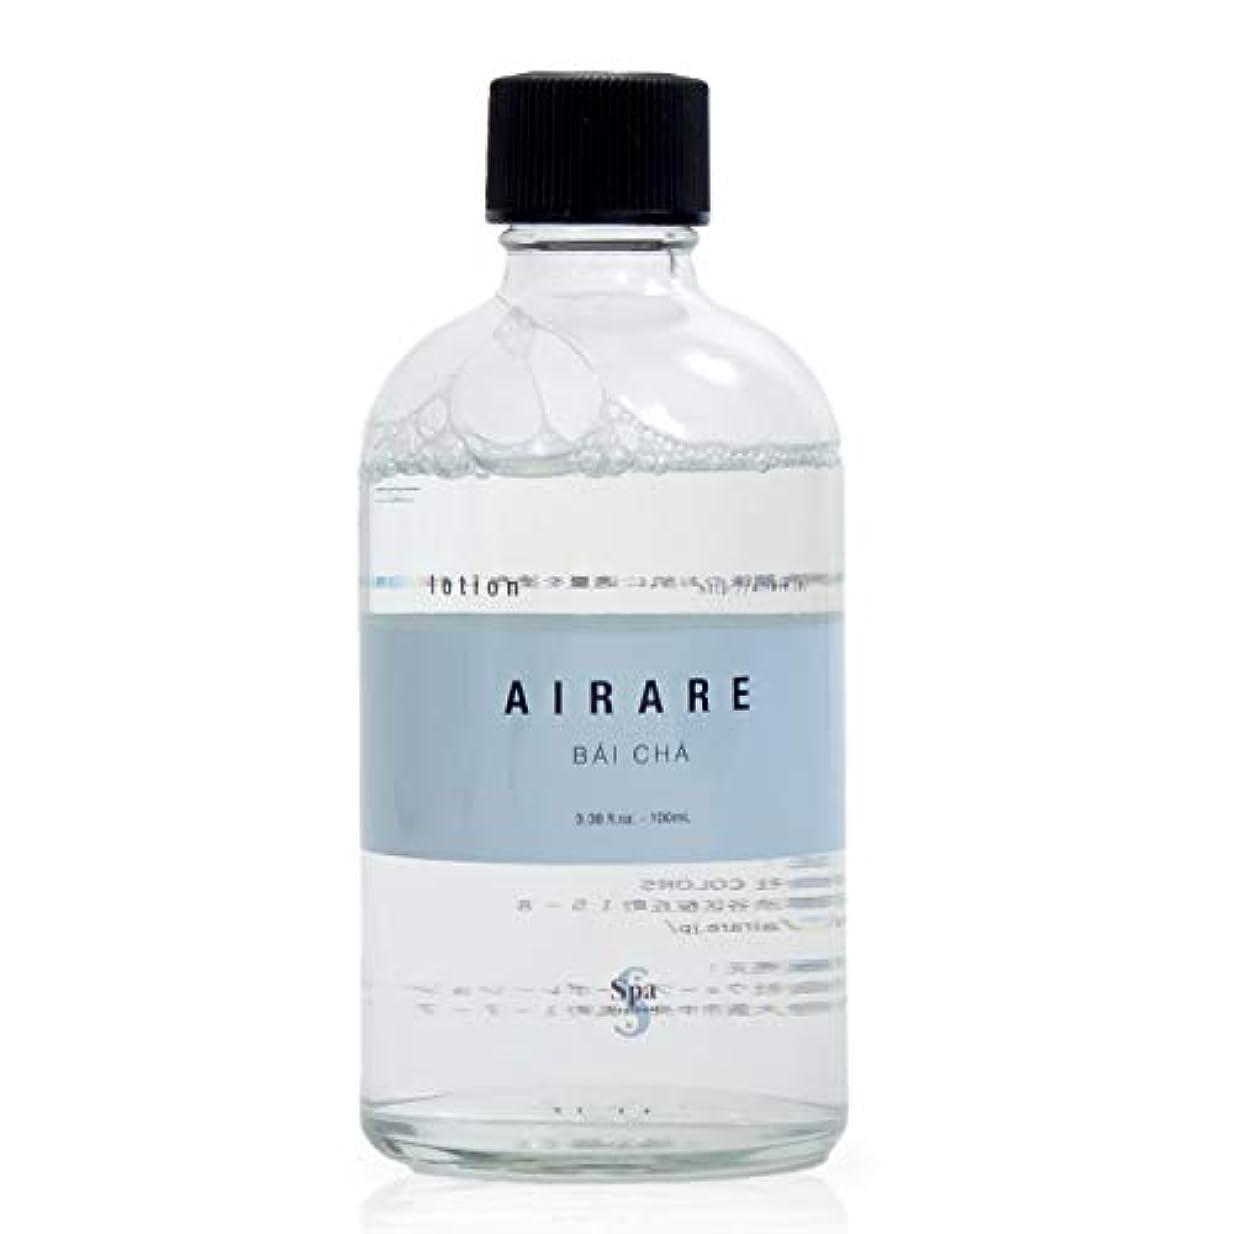 厄介な鋸歯状を必要としていますアール ローション 化粧水 AIRARE BAICHA 白茶と豊富なアルプスのミネラルを配合